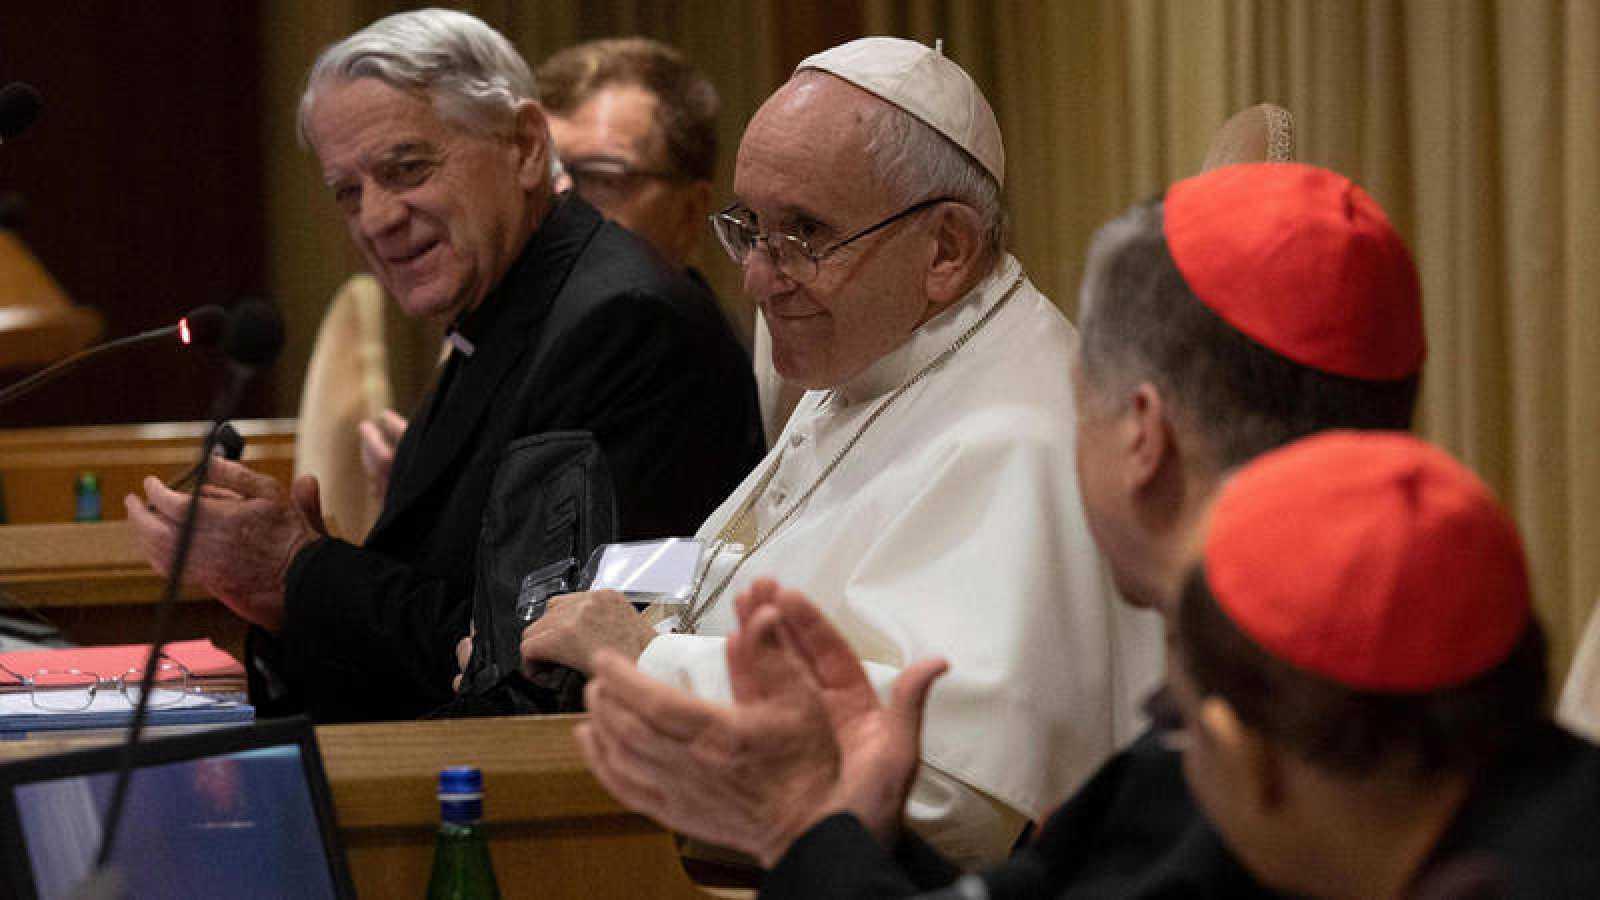 El papa Francisco durante la segunda jornada de la reunión sobre abusos a menores que se celebra en el Vaticano